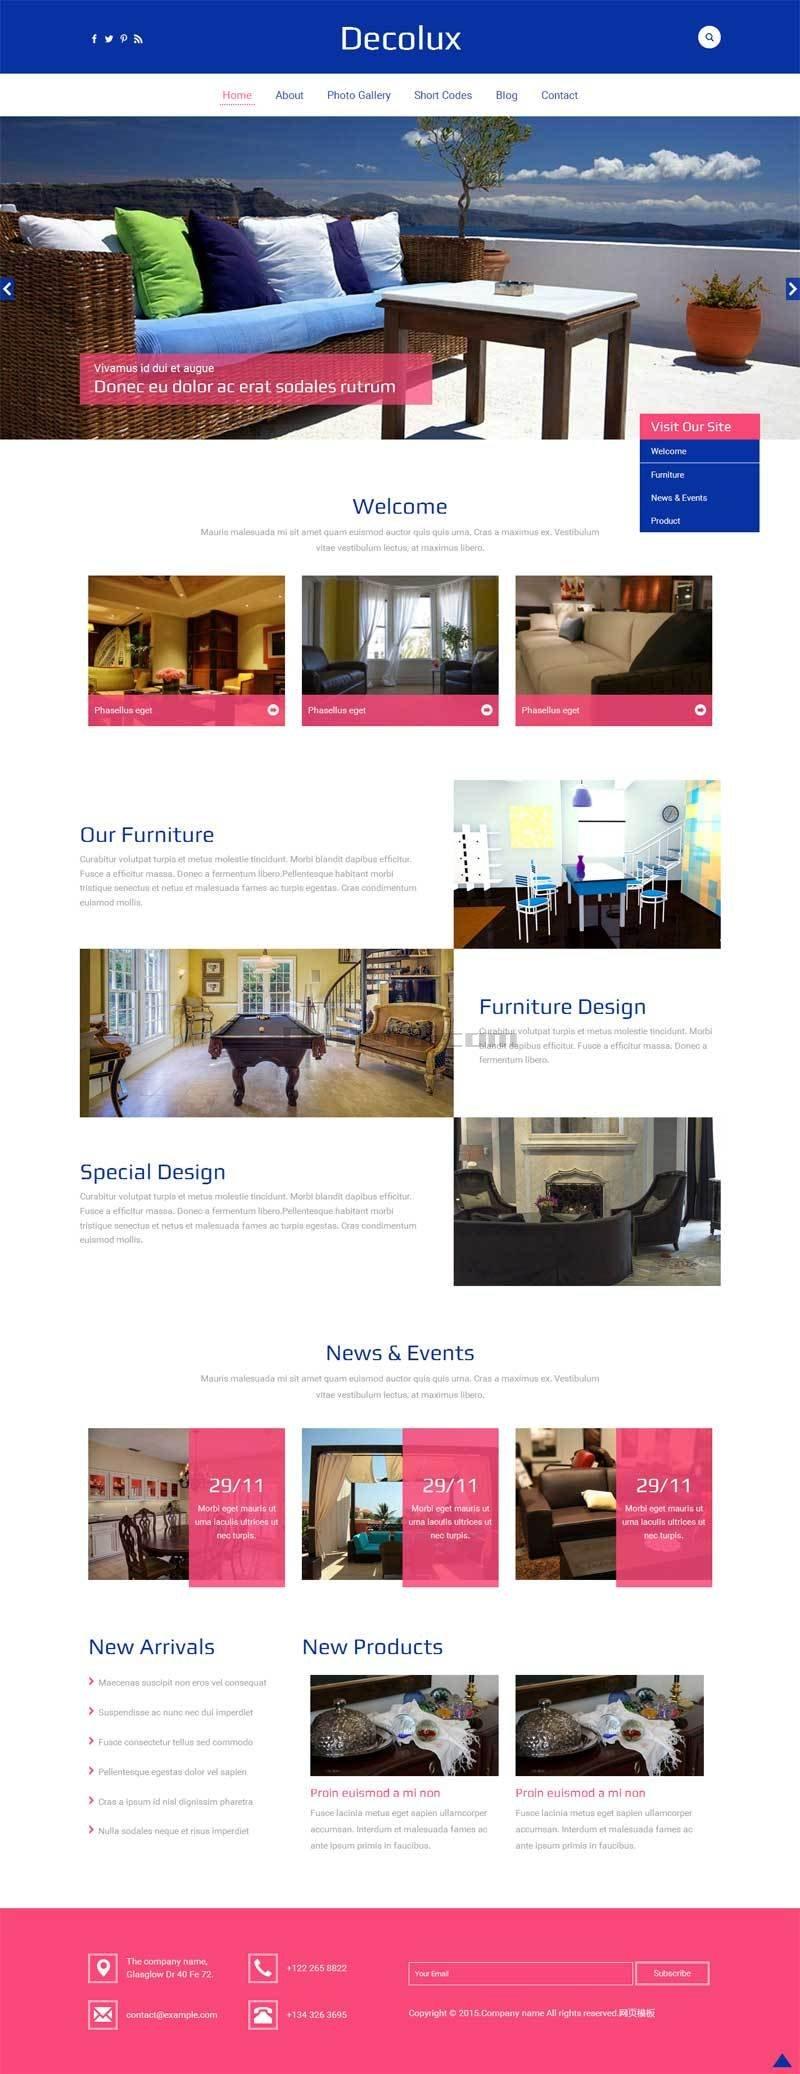 简单宽屏的家居装饰用品网站模板html整站